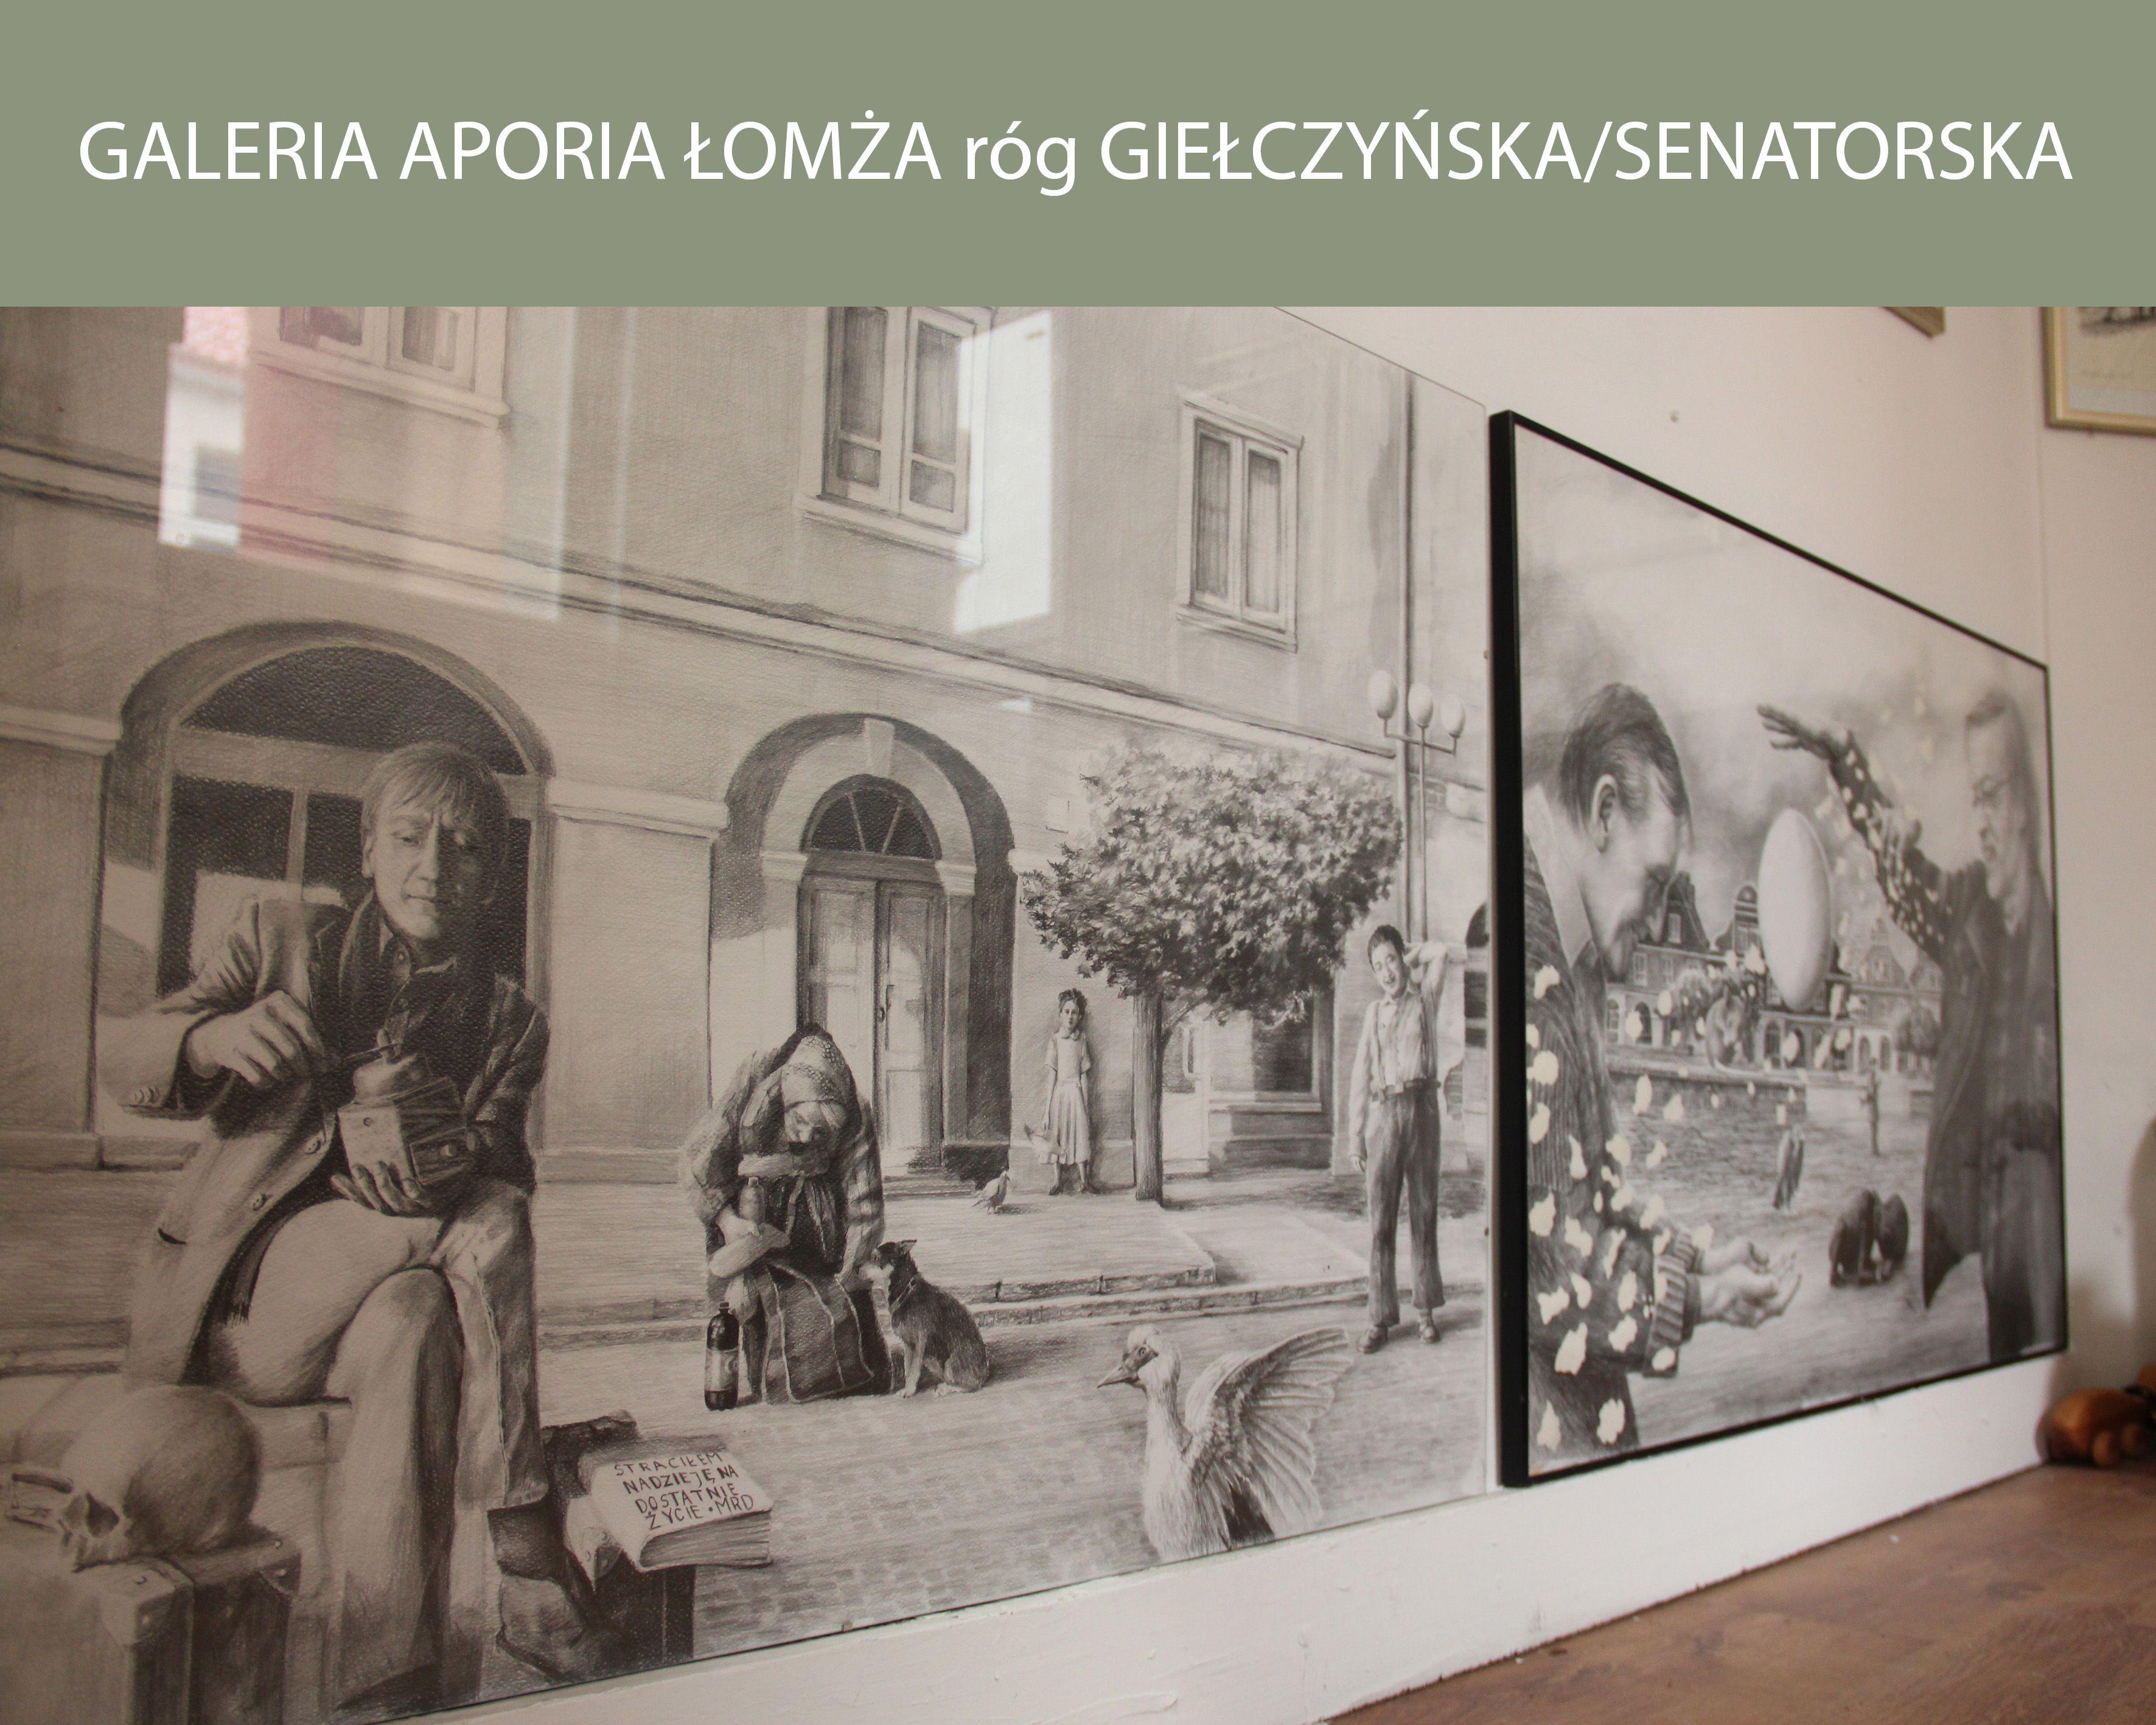 Pin By Robert Sokolowski On Autorska Galeria Sztuki Aporia Na Rogu Starego Rynku W Lomzy Art Painting Lomza